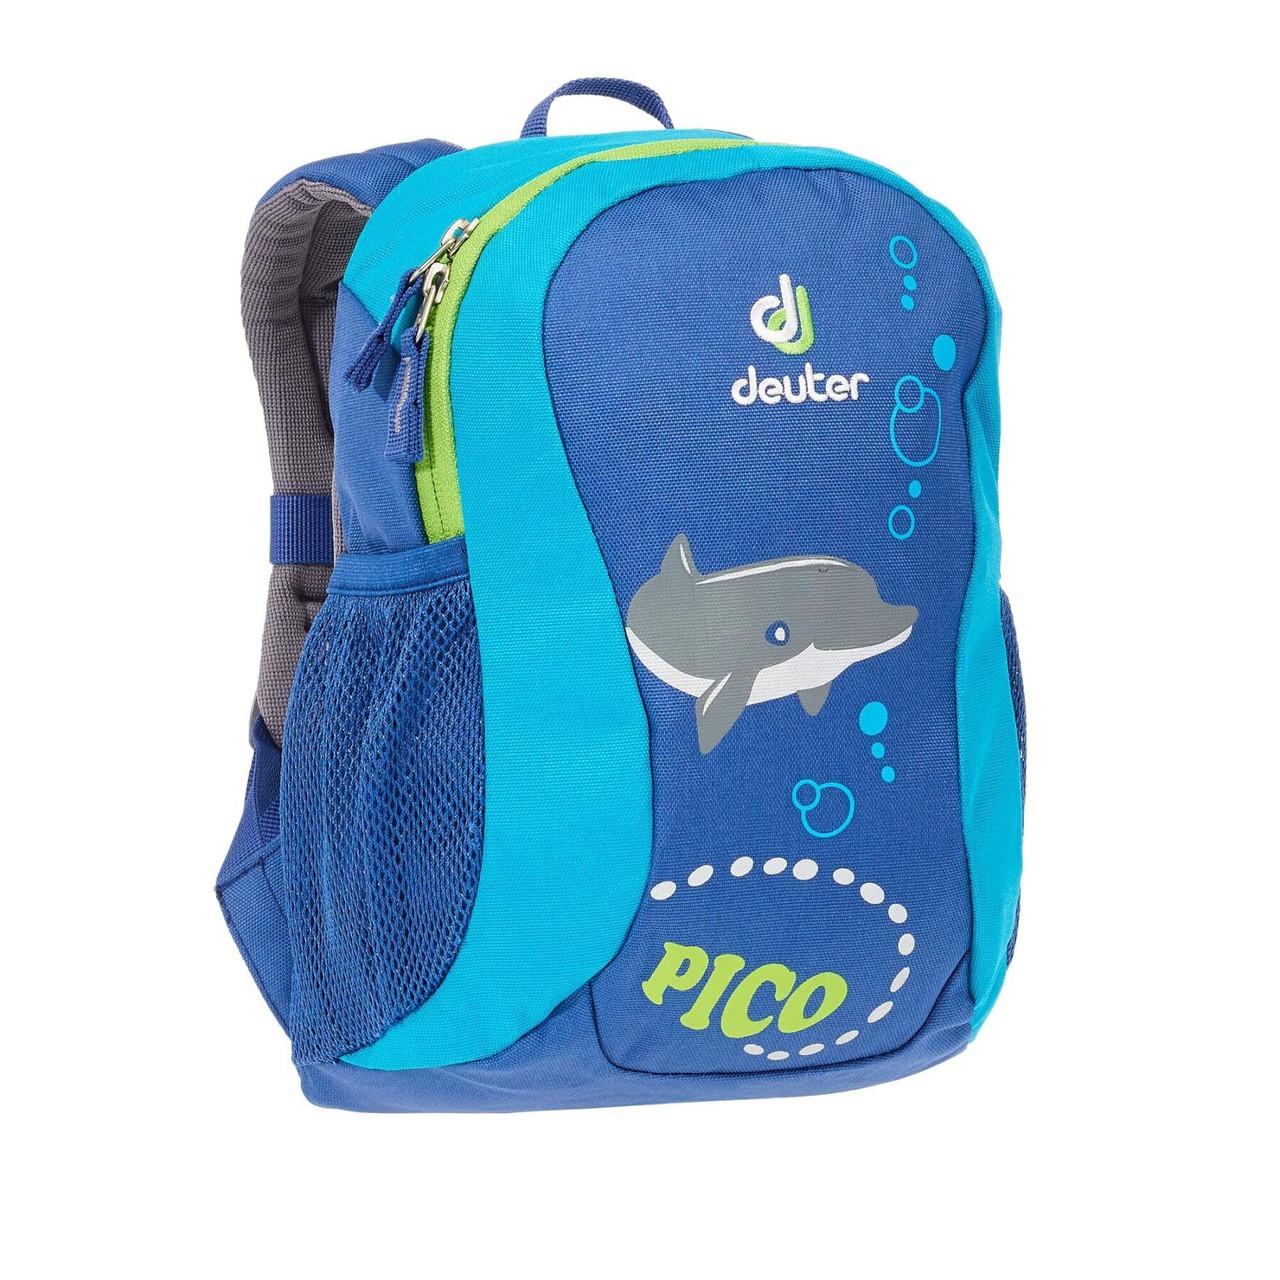 Рюкзак детский Deuter Pico indigo-turquoise (36043 3391)